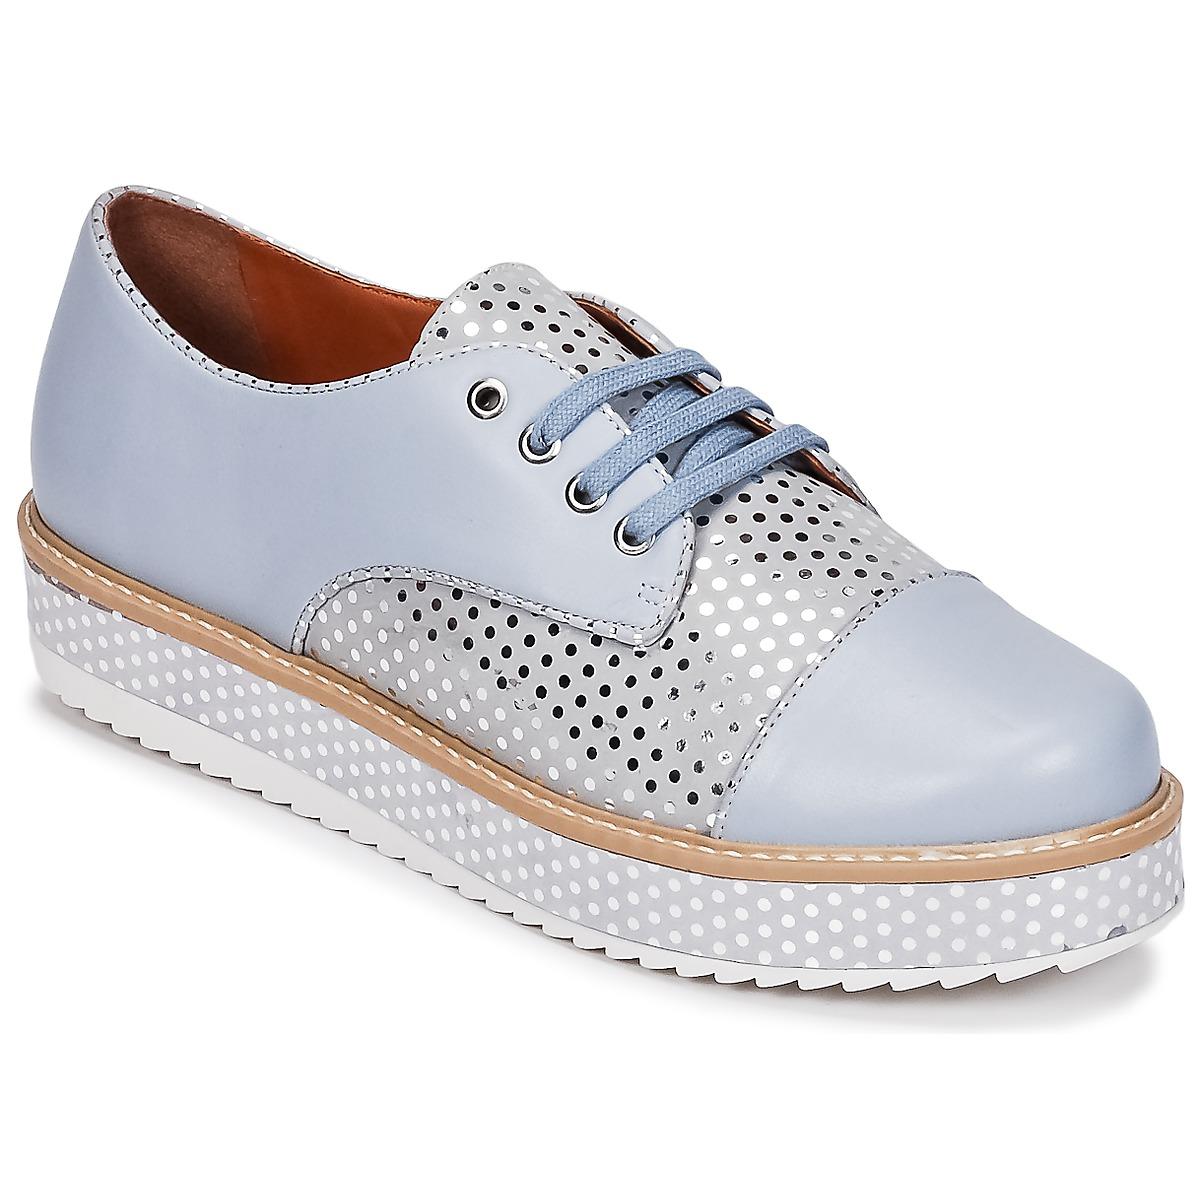 Cristofoli FILIPY Bleu - Livraison Gratuite avec  - Chaussures Derbies Femme